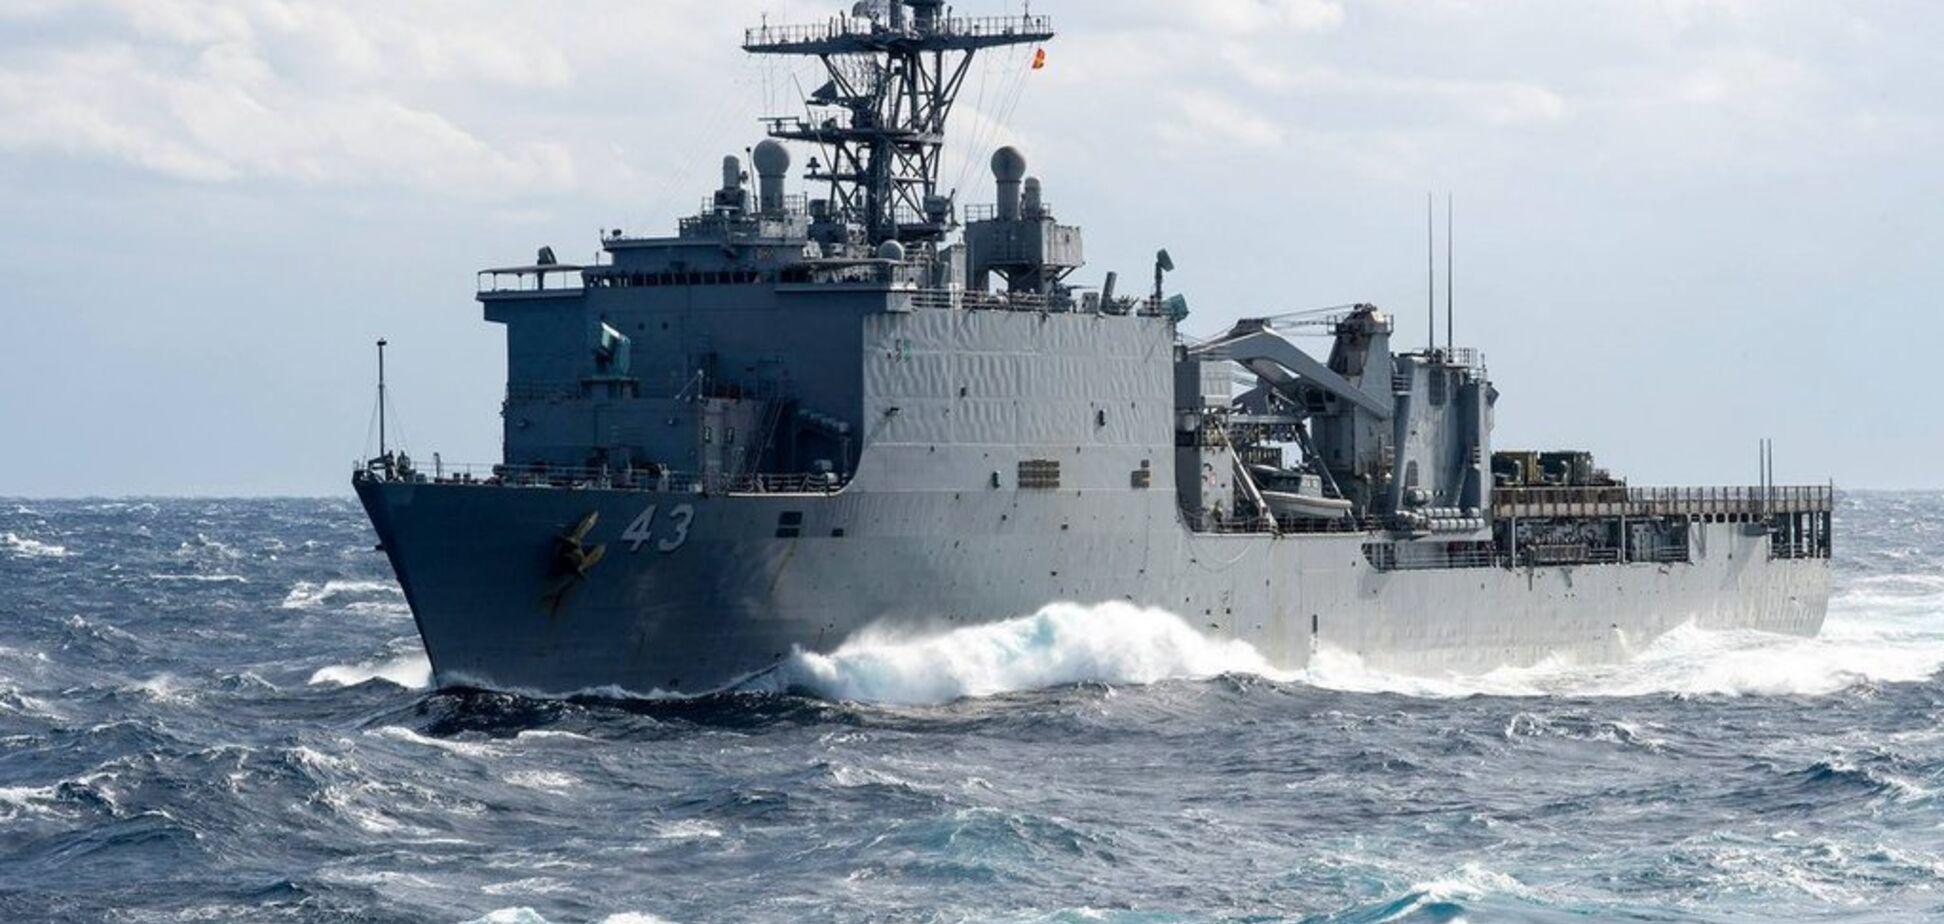 НАТО жестко ответило России в Черном море: военный эксперт раскрыл детали